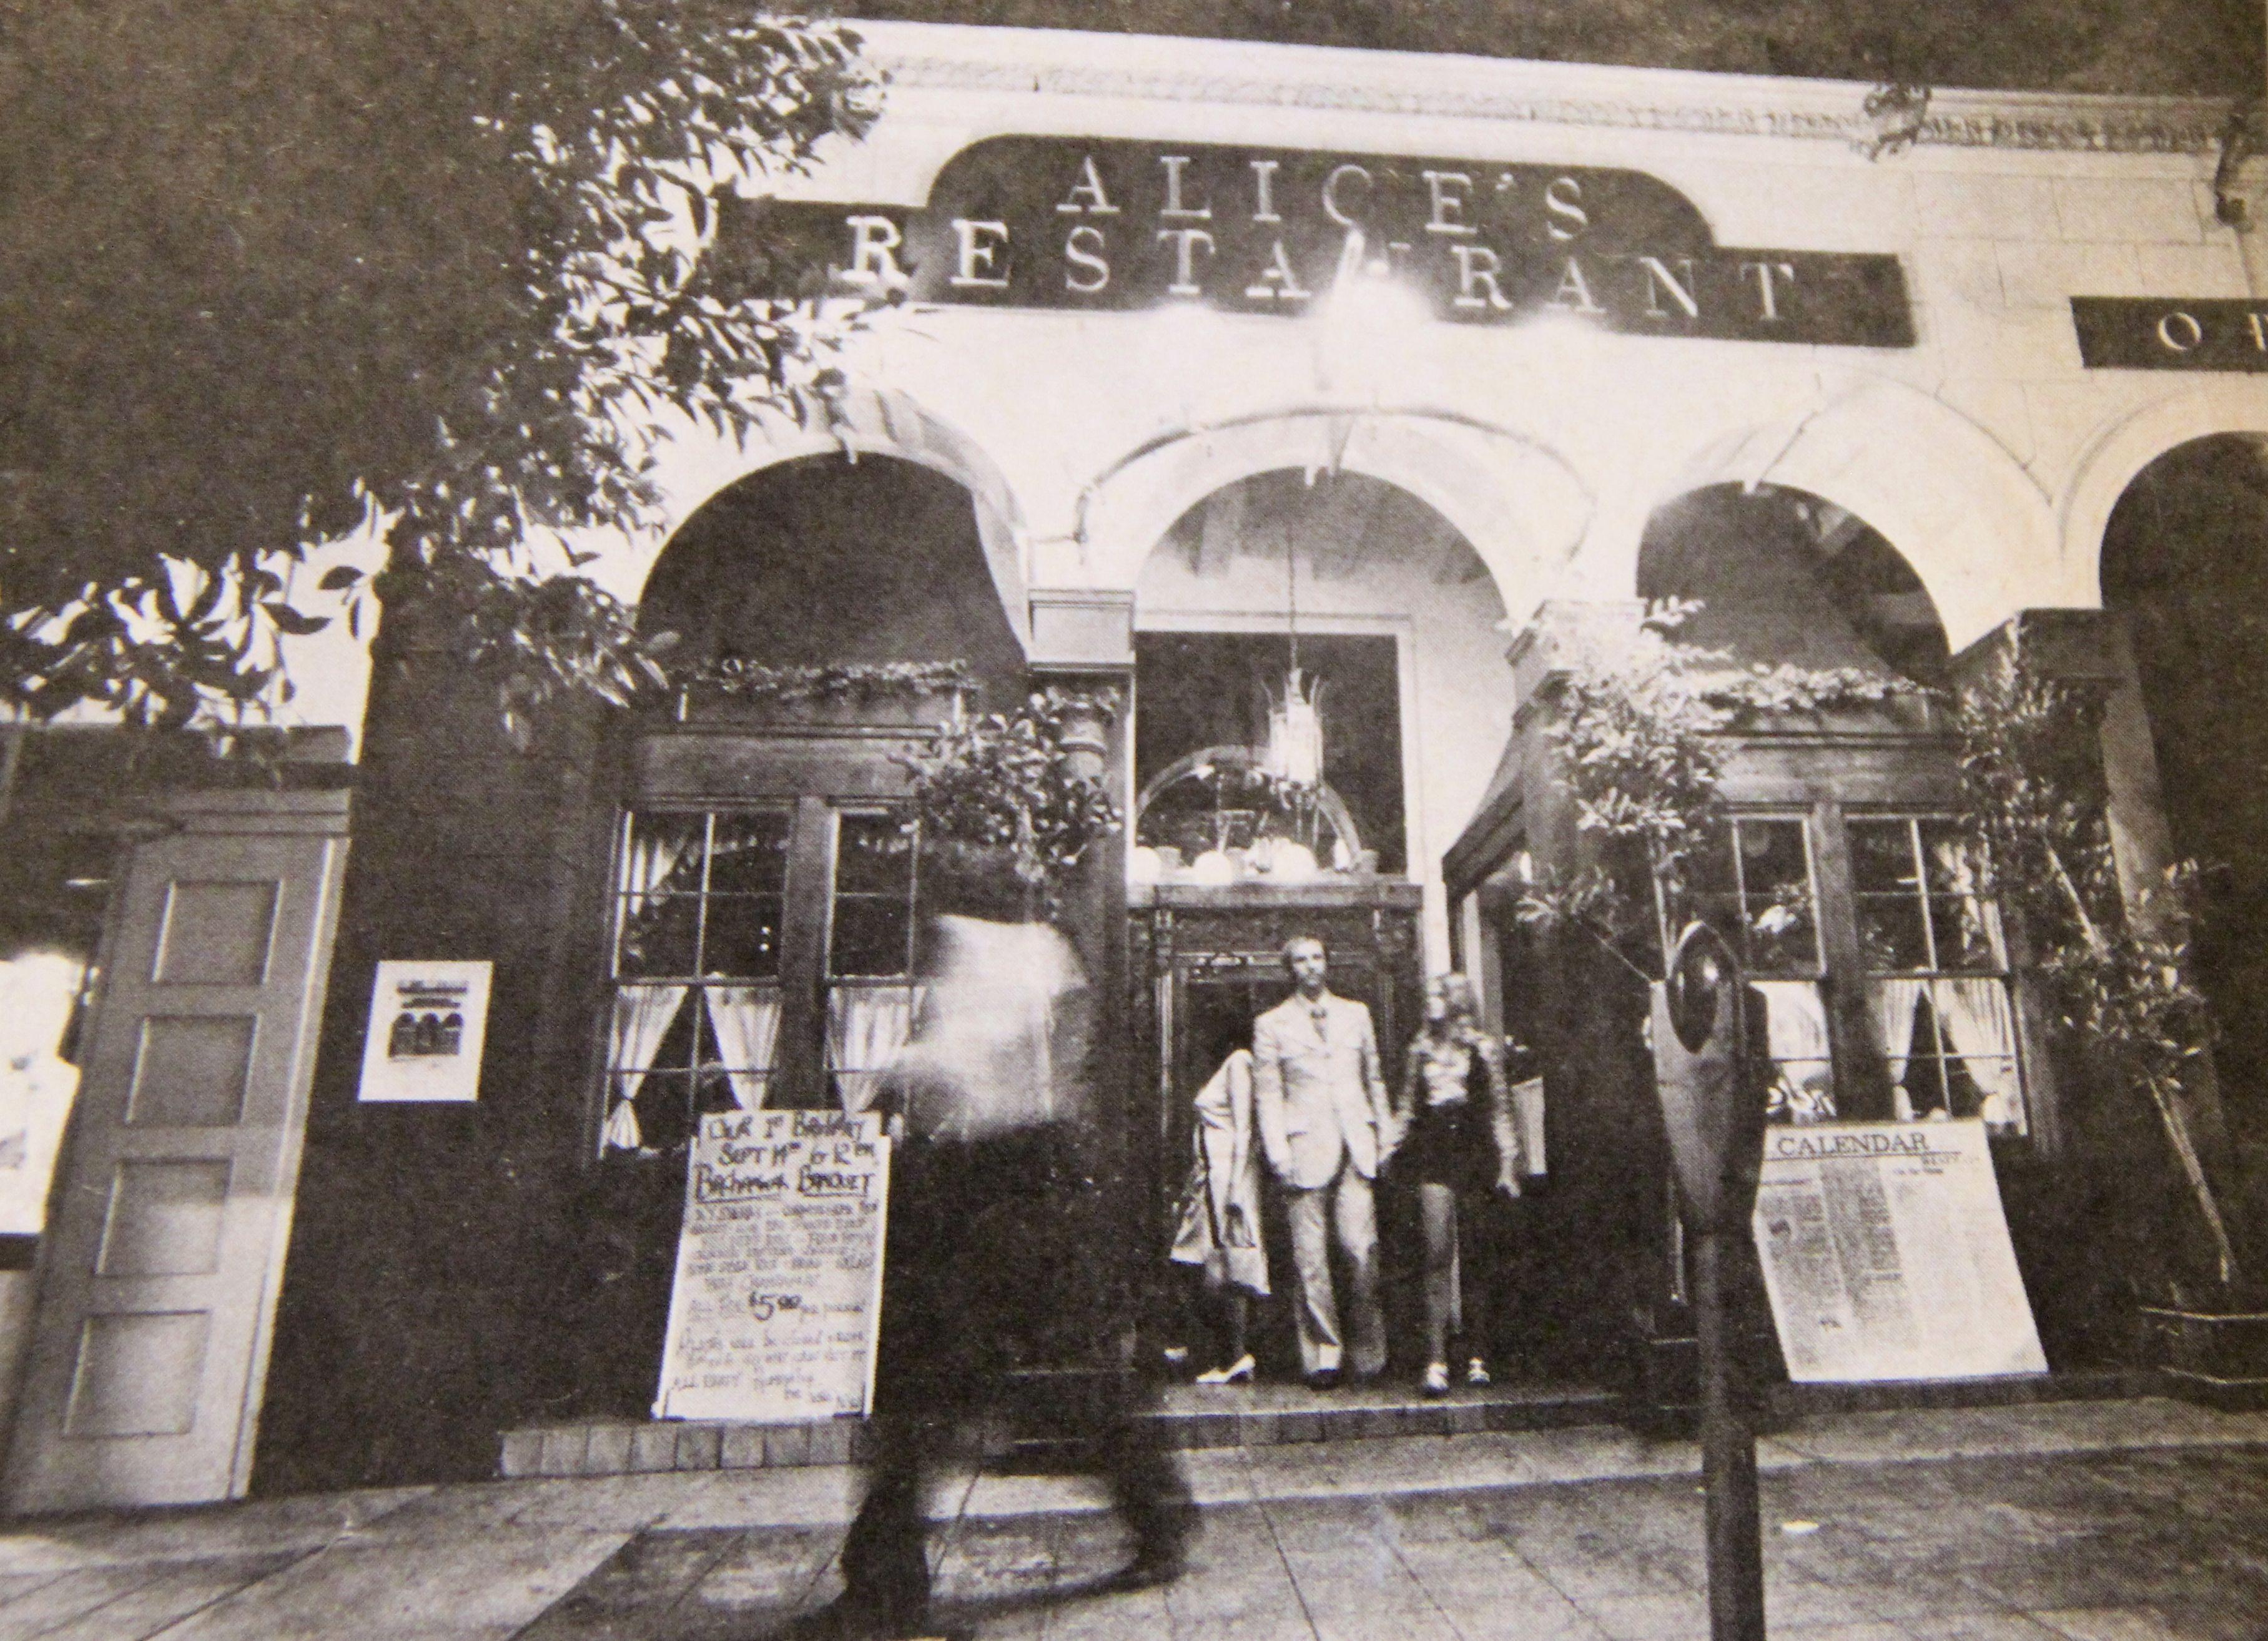 Alice's Restaurant in Westwood 1970 Vintage los angeles